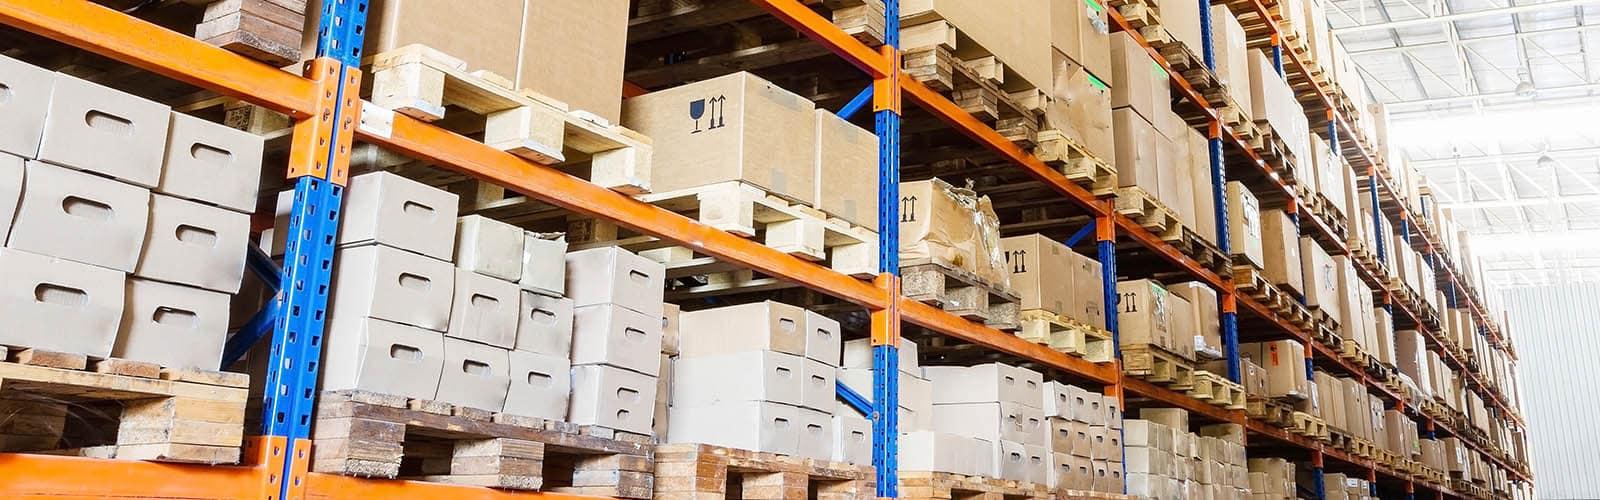 groothandel-logistiek-leverancier-food-disposables